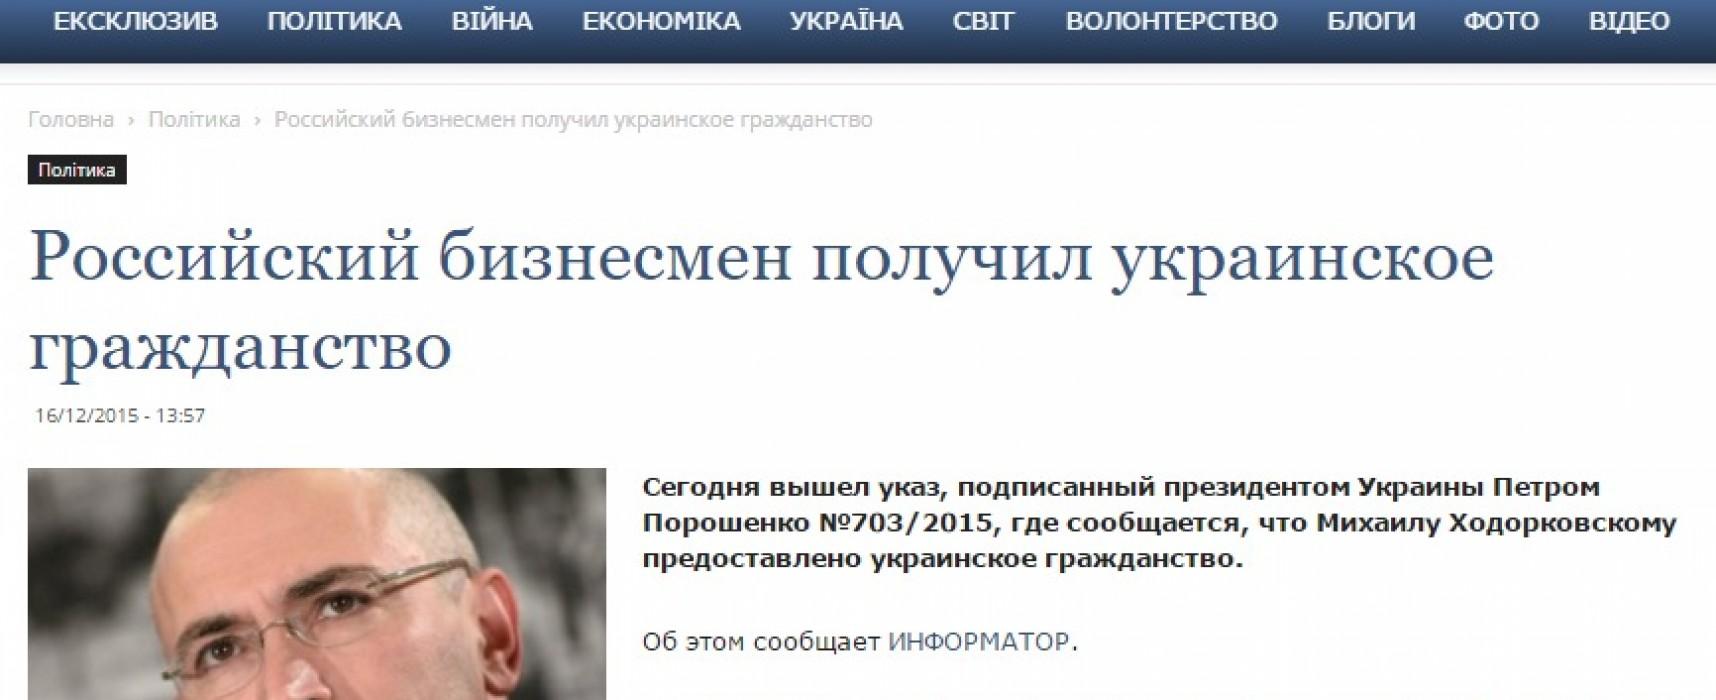 Falso: Jodorkovski recibió la ciudadanía ucraniana